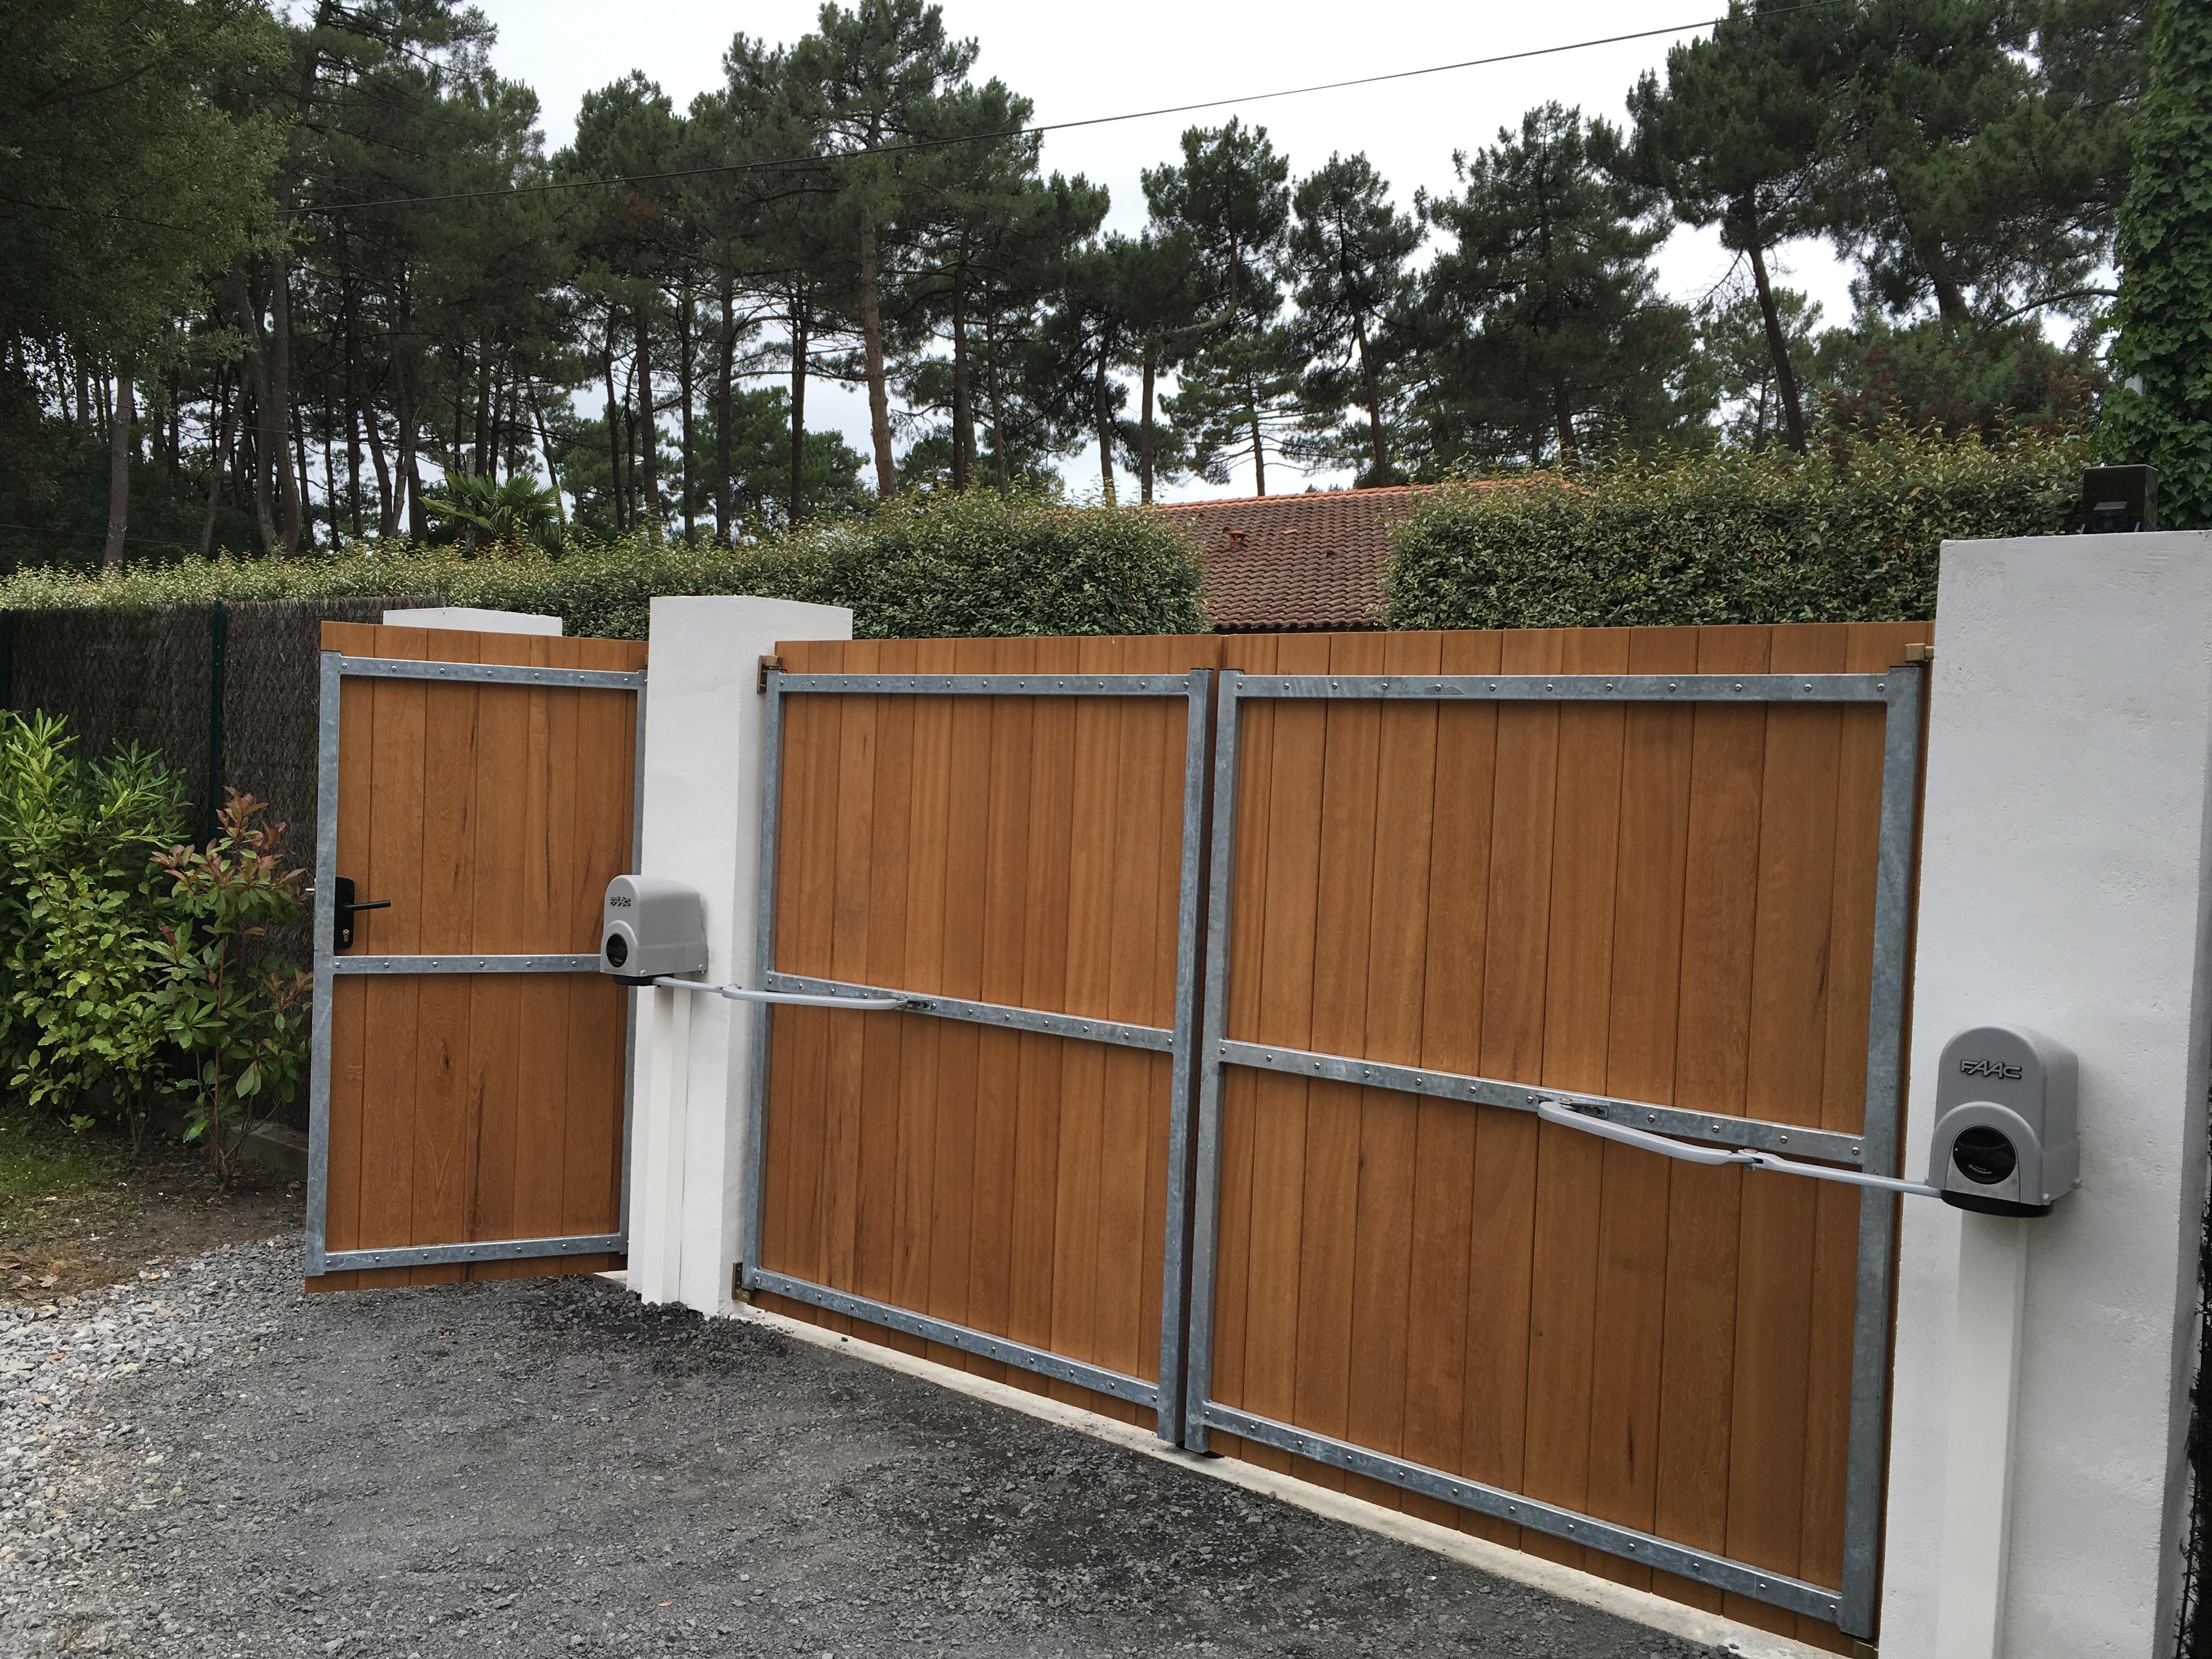 Ets daulou de fabricant installateur porte portail tosse bayonne - Portail garage bois 2 vantaux ...